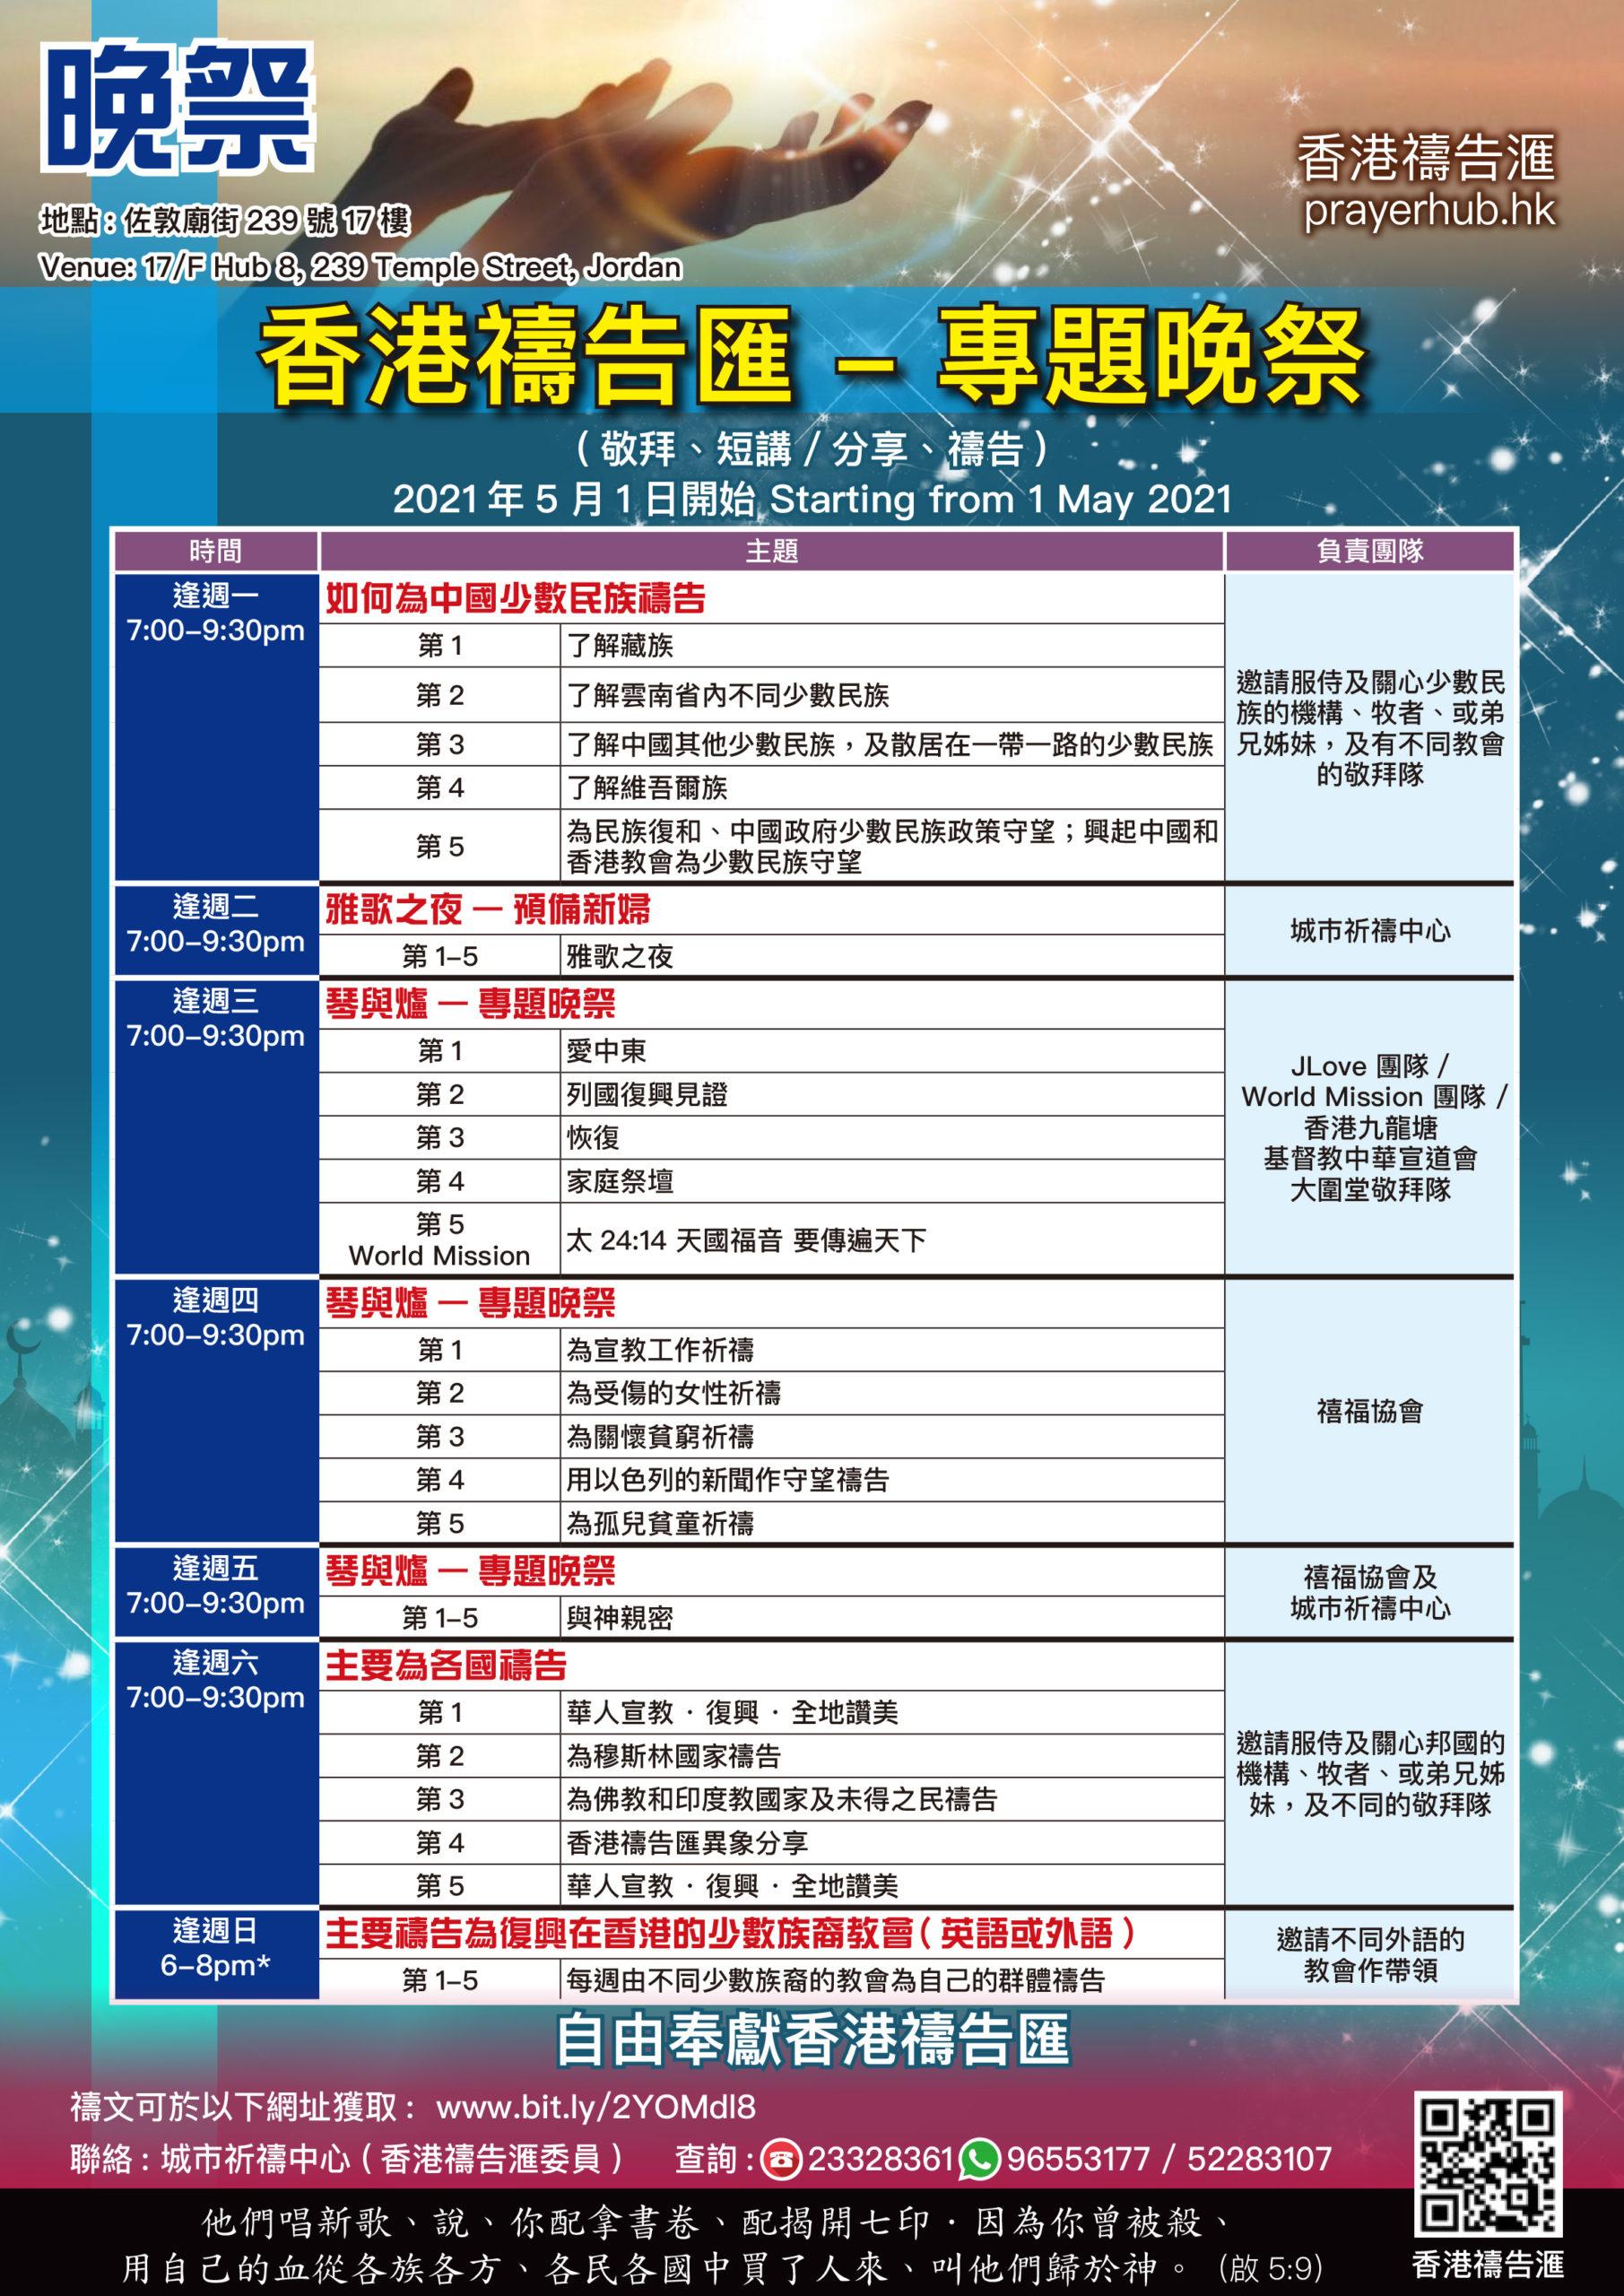 香港禱告匯的晚祭時間表